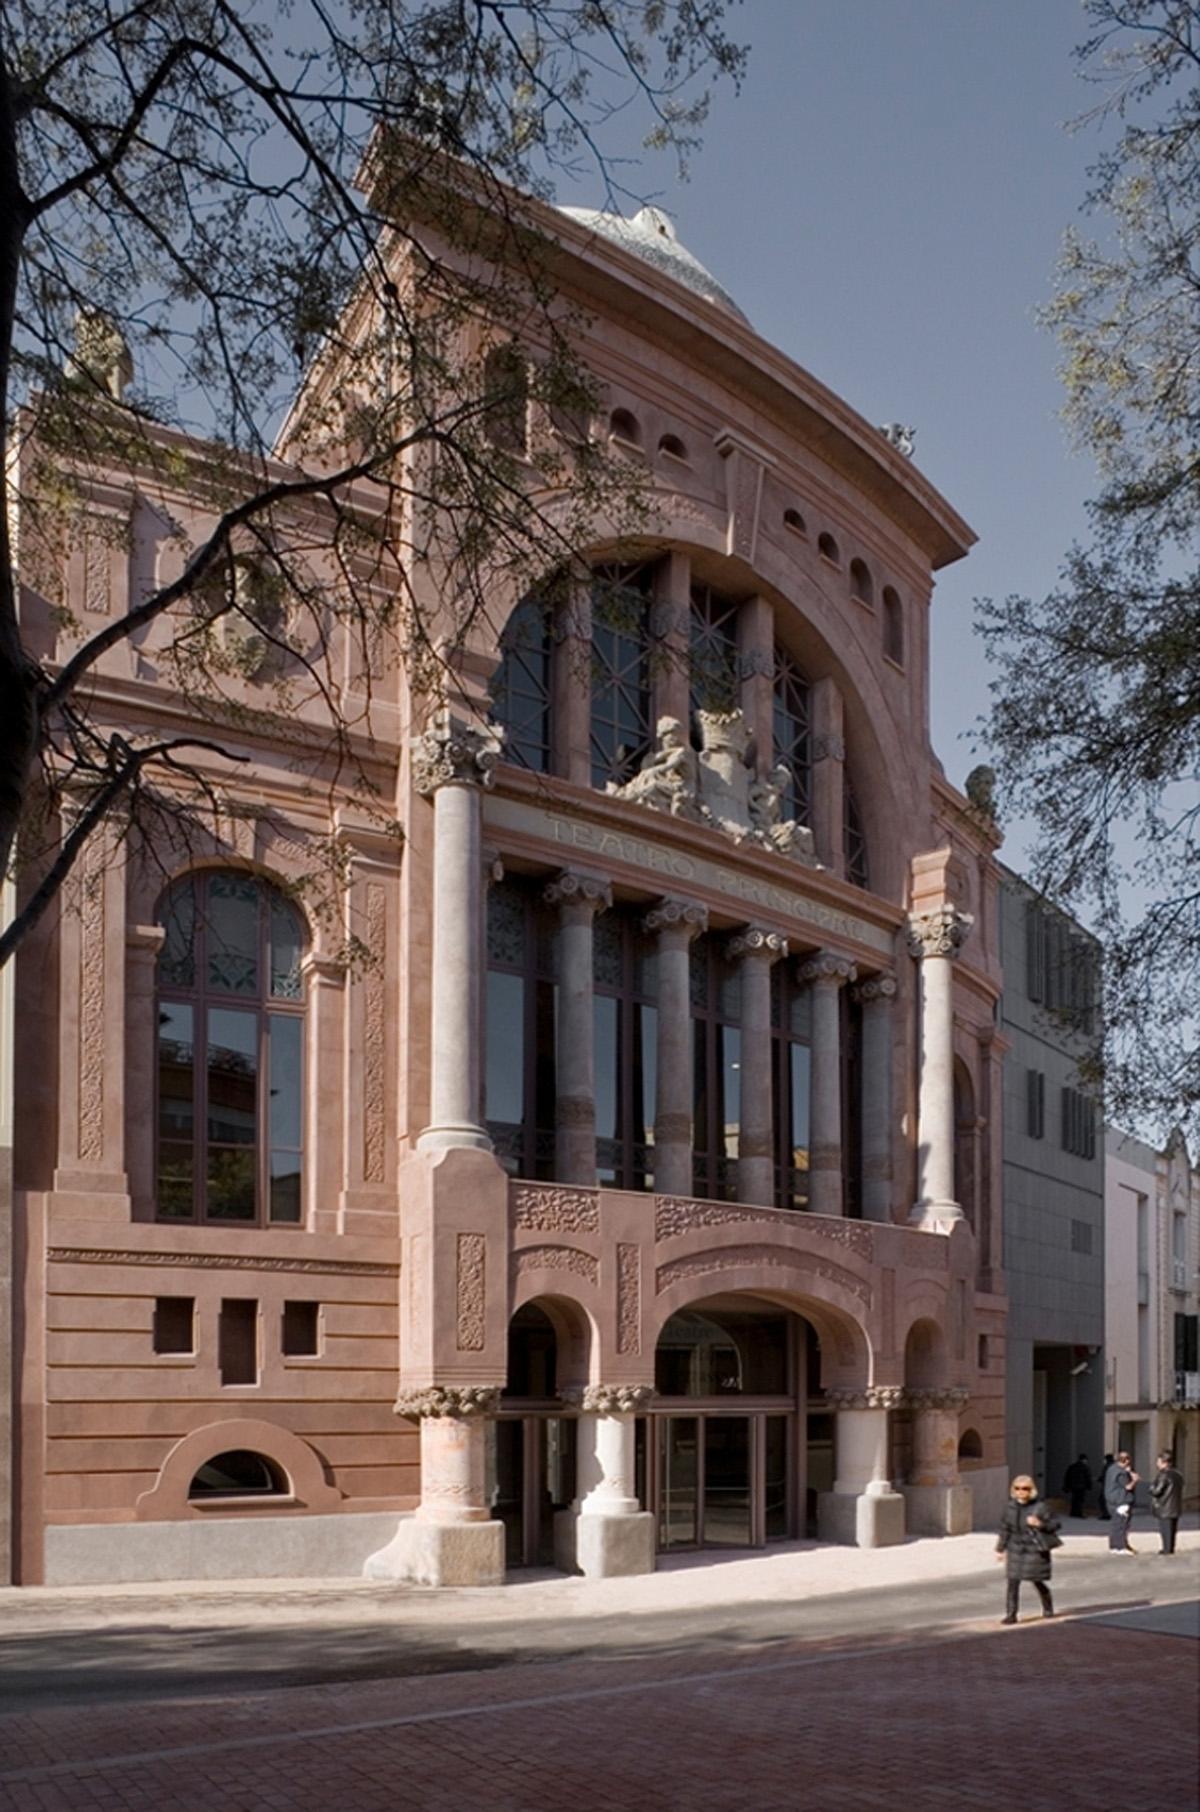 Dilm fabr torras arquitectes reforma y ampliaci n del teatro principal de terrassa hic - Arquitectos terrassa ...